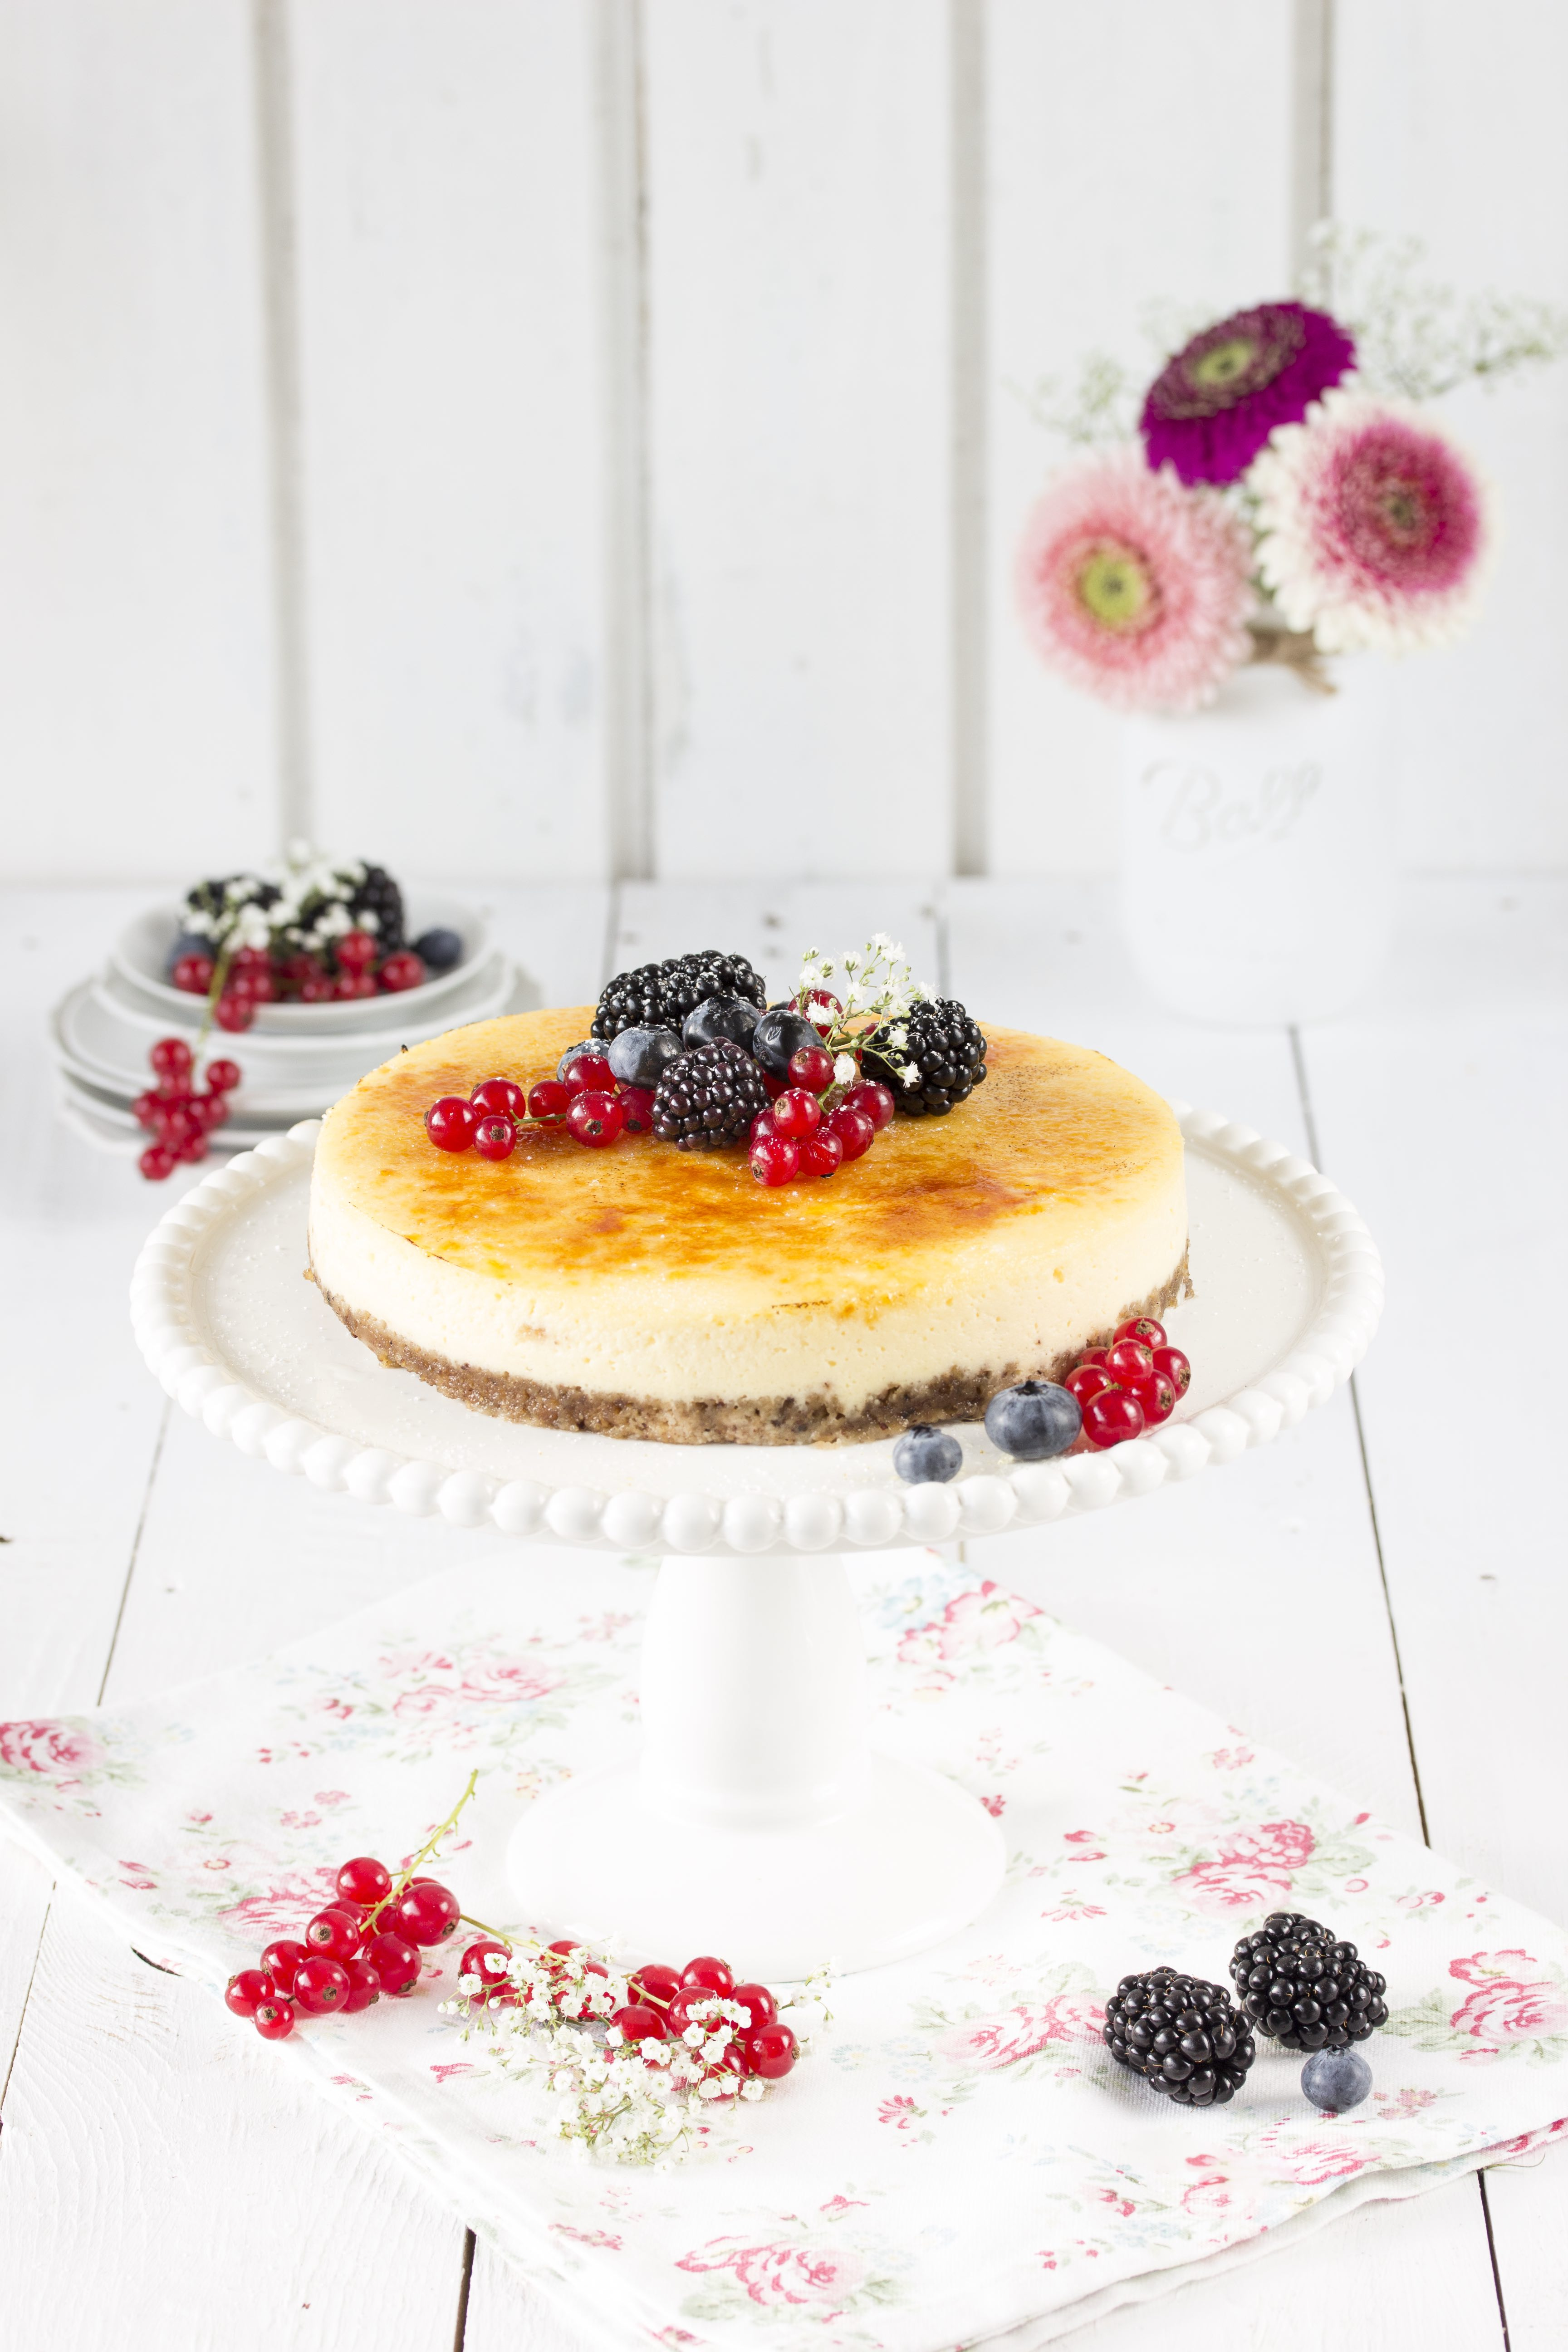 Cheesecake_Brûlée-2_BLog